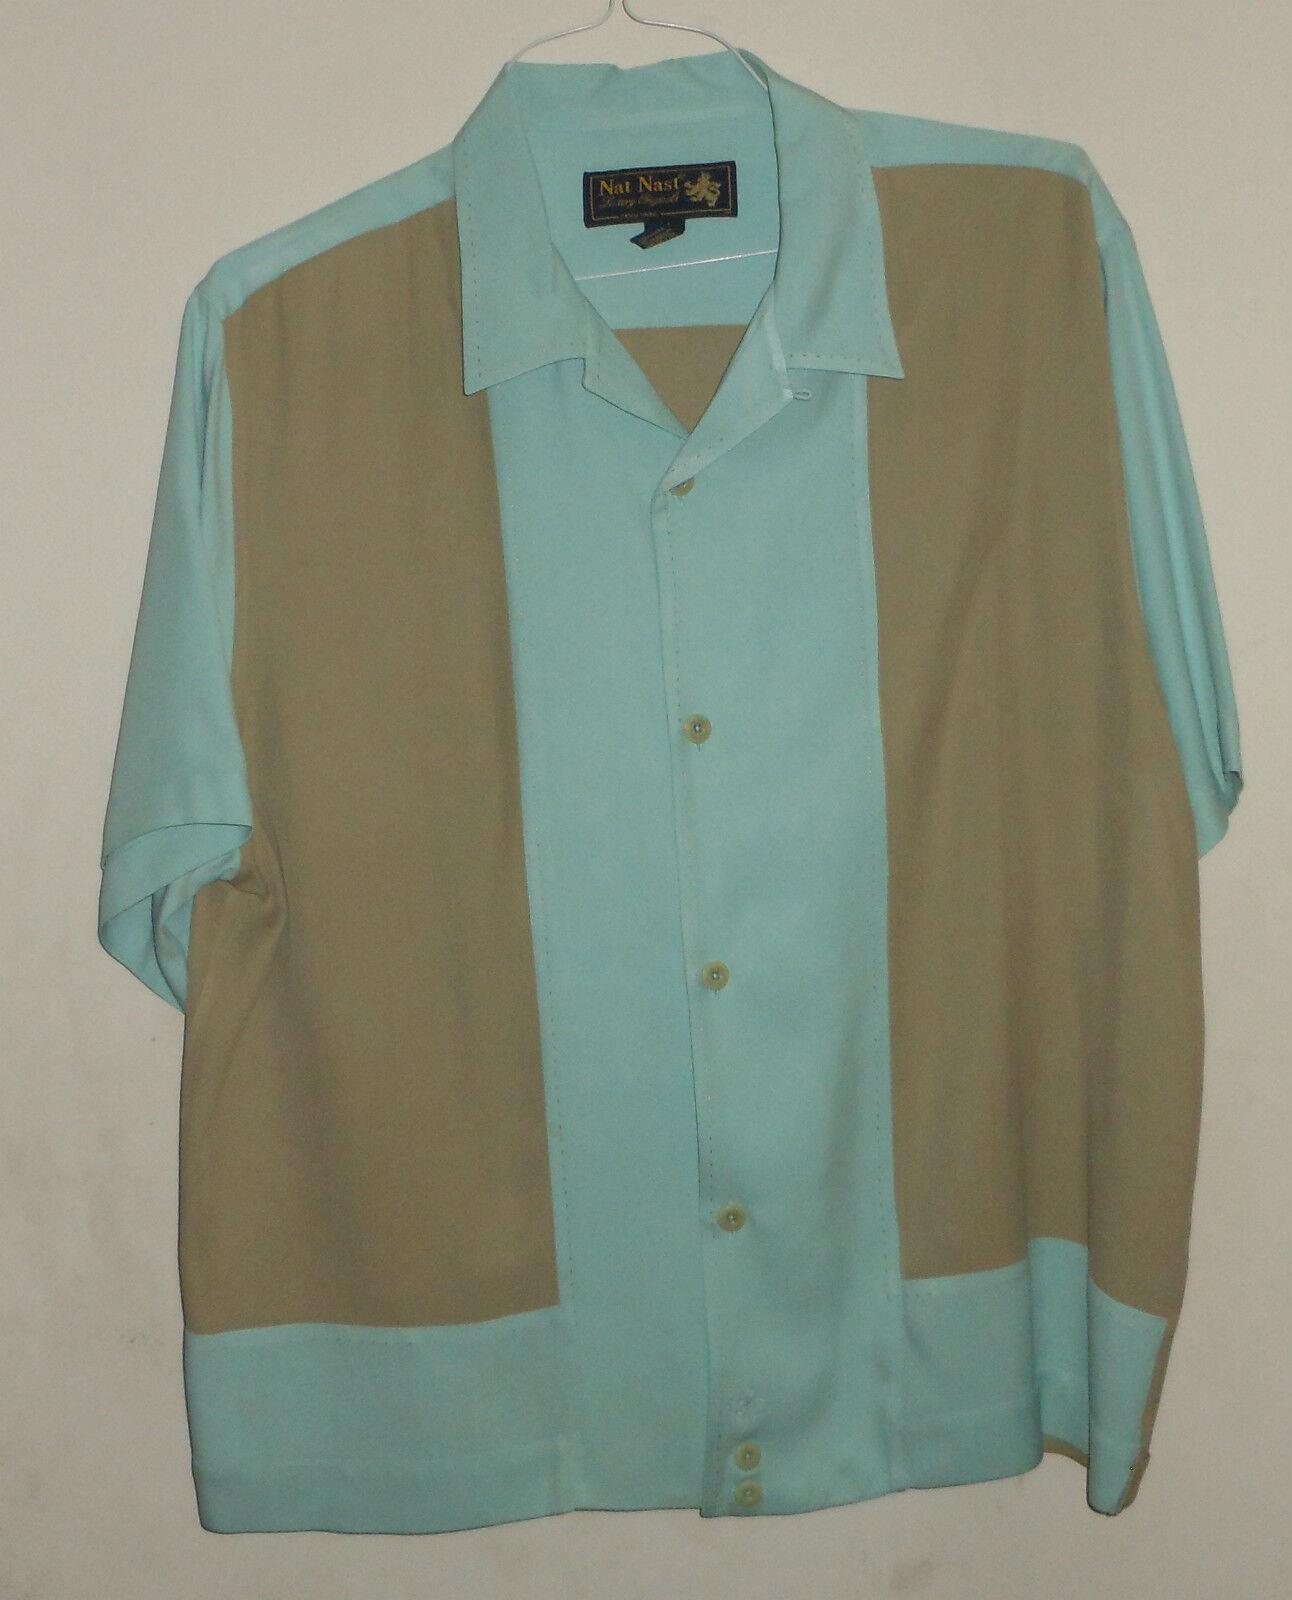 Nat nast-aqua Caqui Camisa jac-camp bucle Cuello Pic  Costura Hipster 100% silk-l  orden en línea